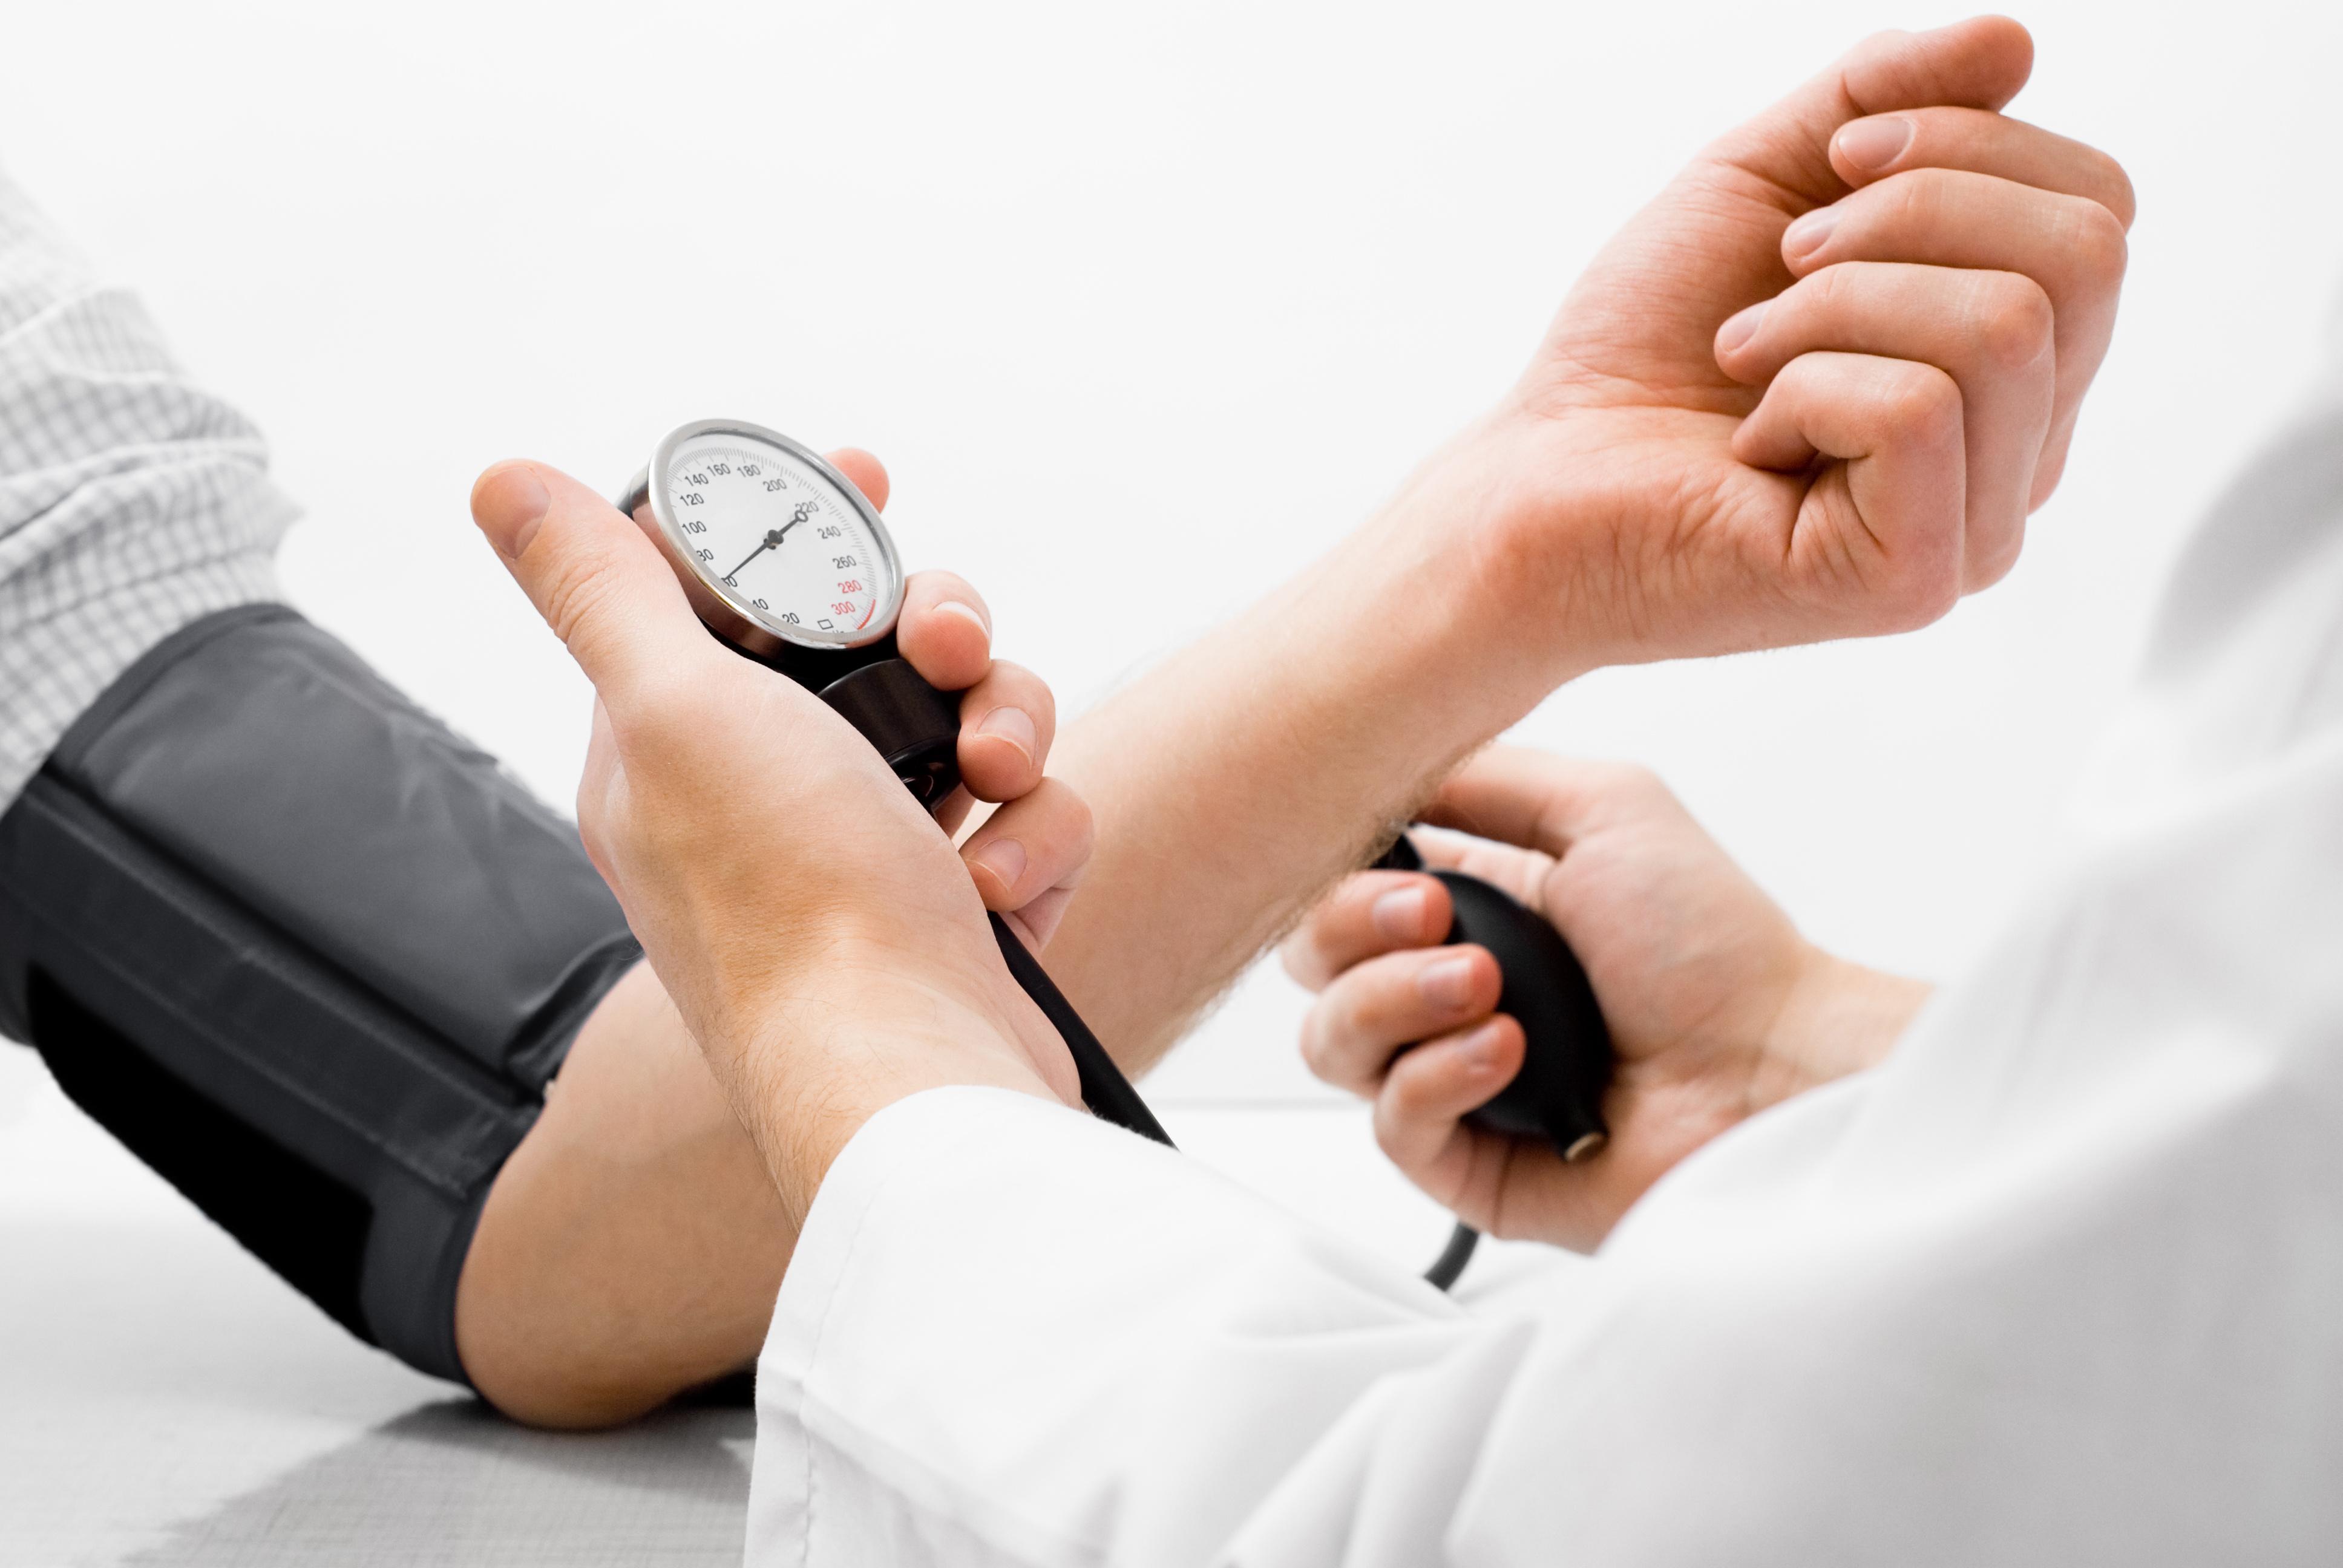 szorongás érzése magas vérnyomás esetén mirtusz magas vérnyomás esetén